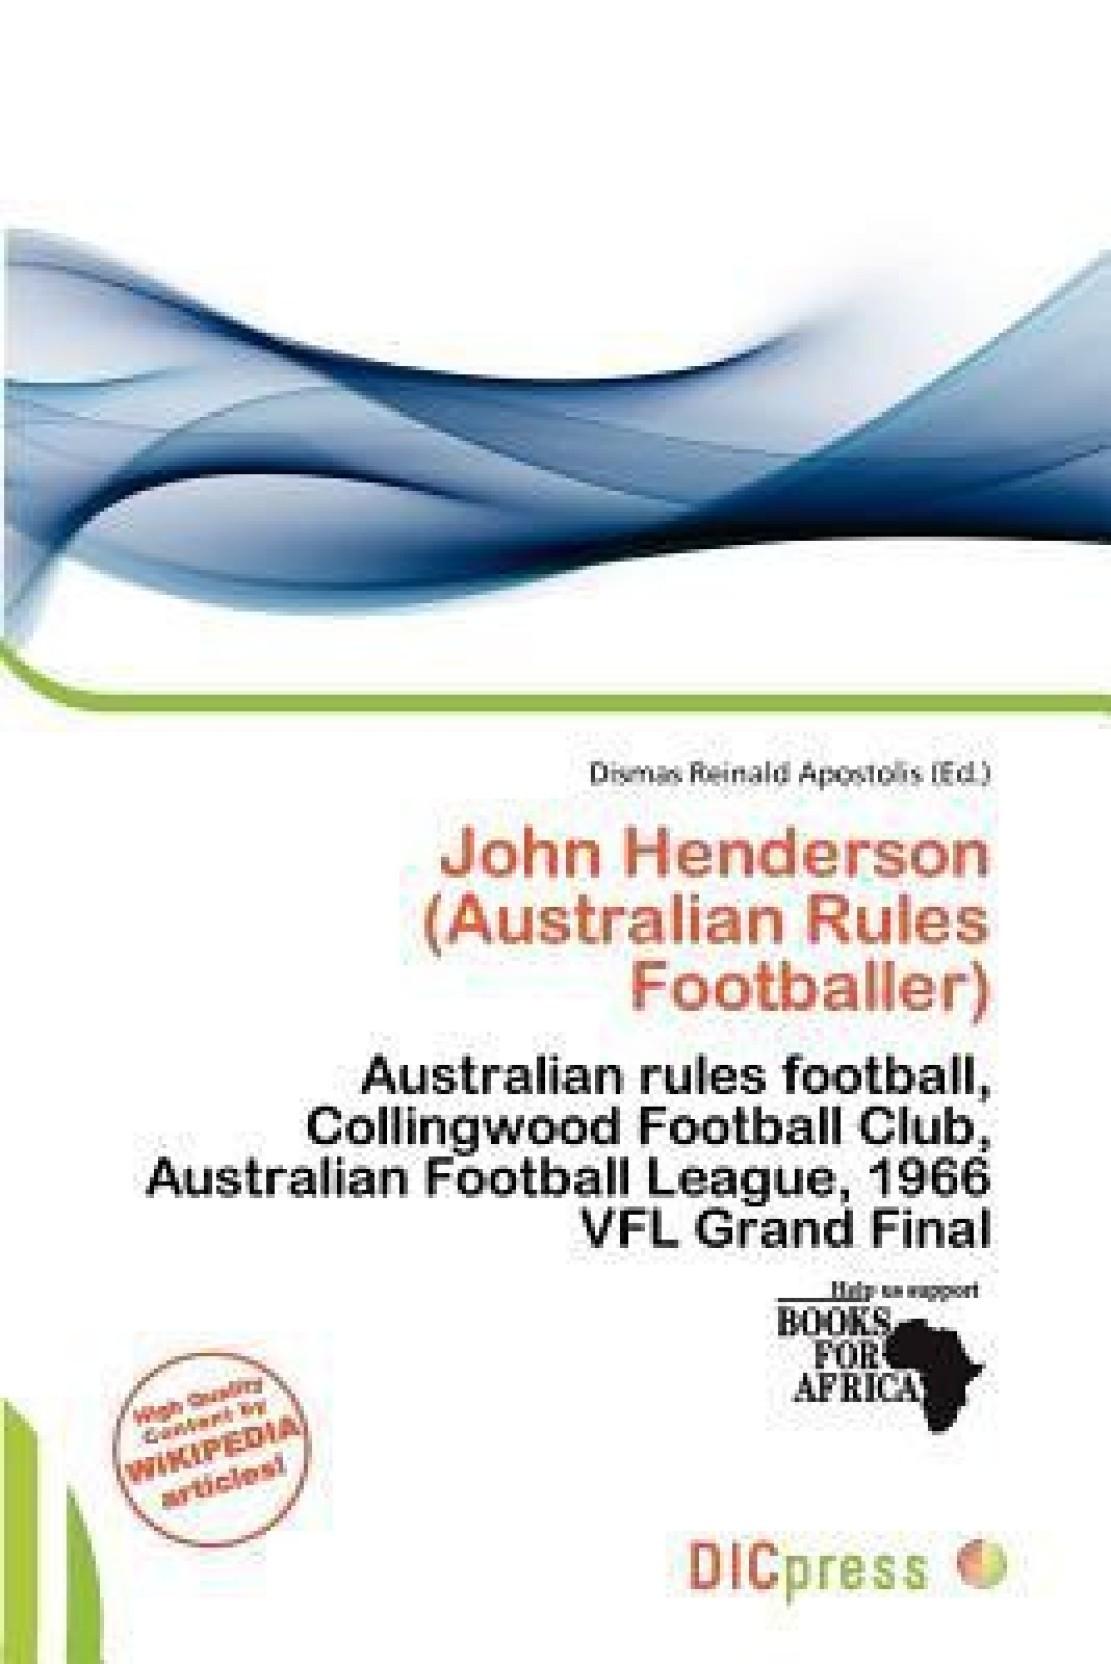 John Henderson Australian Rules Footballer Buy Wiring Book Share